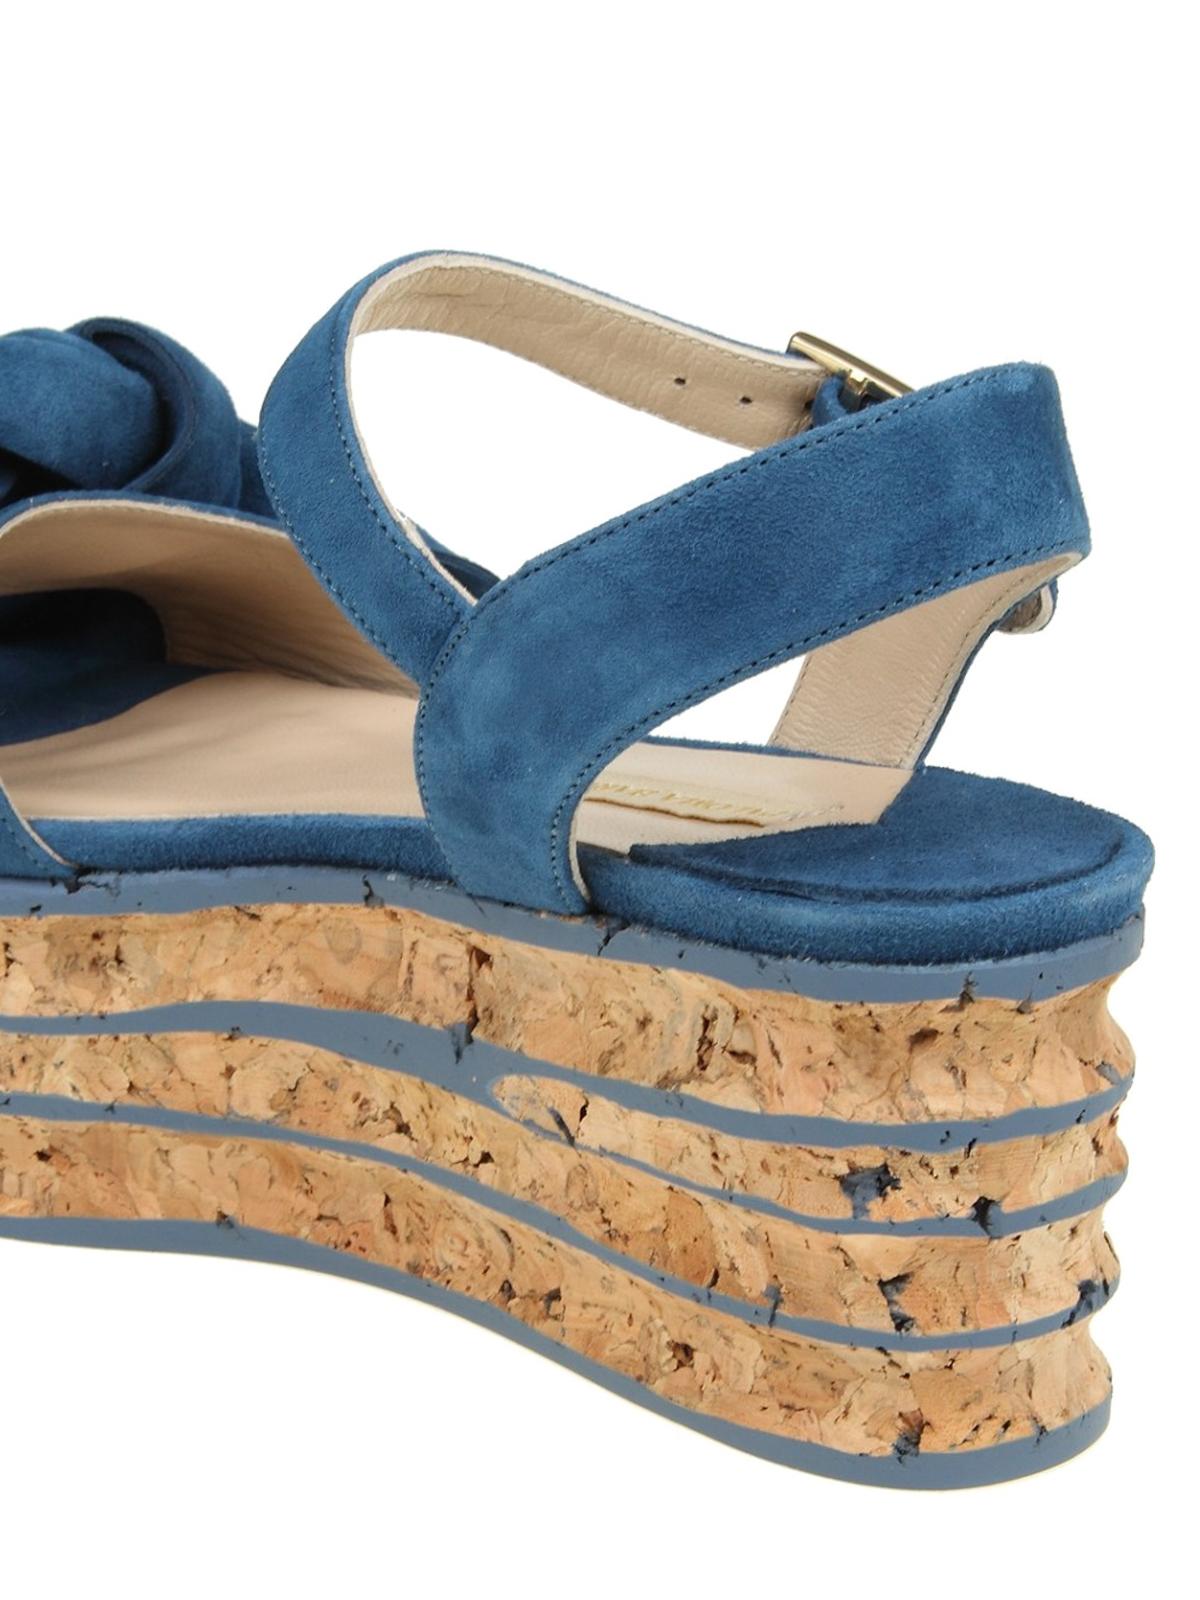 874535828d1 Paloma Barcelò - Rosa maxi bow flatform sandals - sandals ...